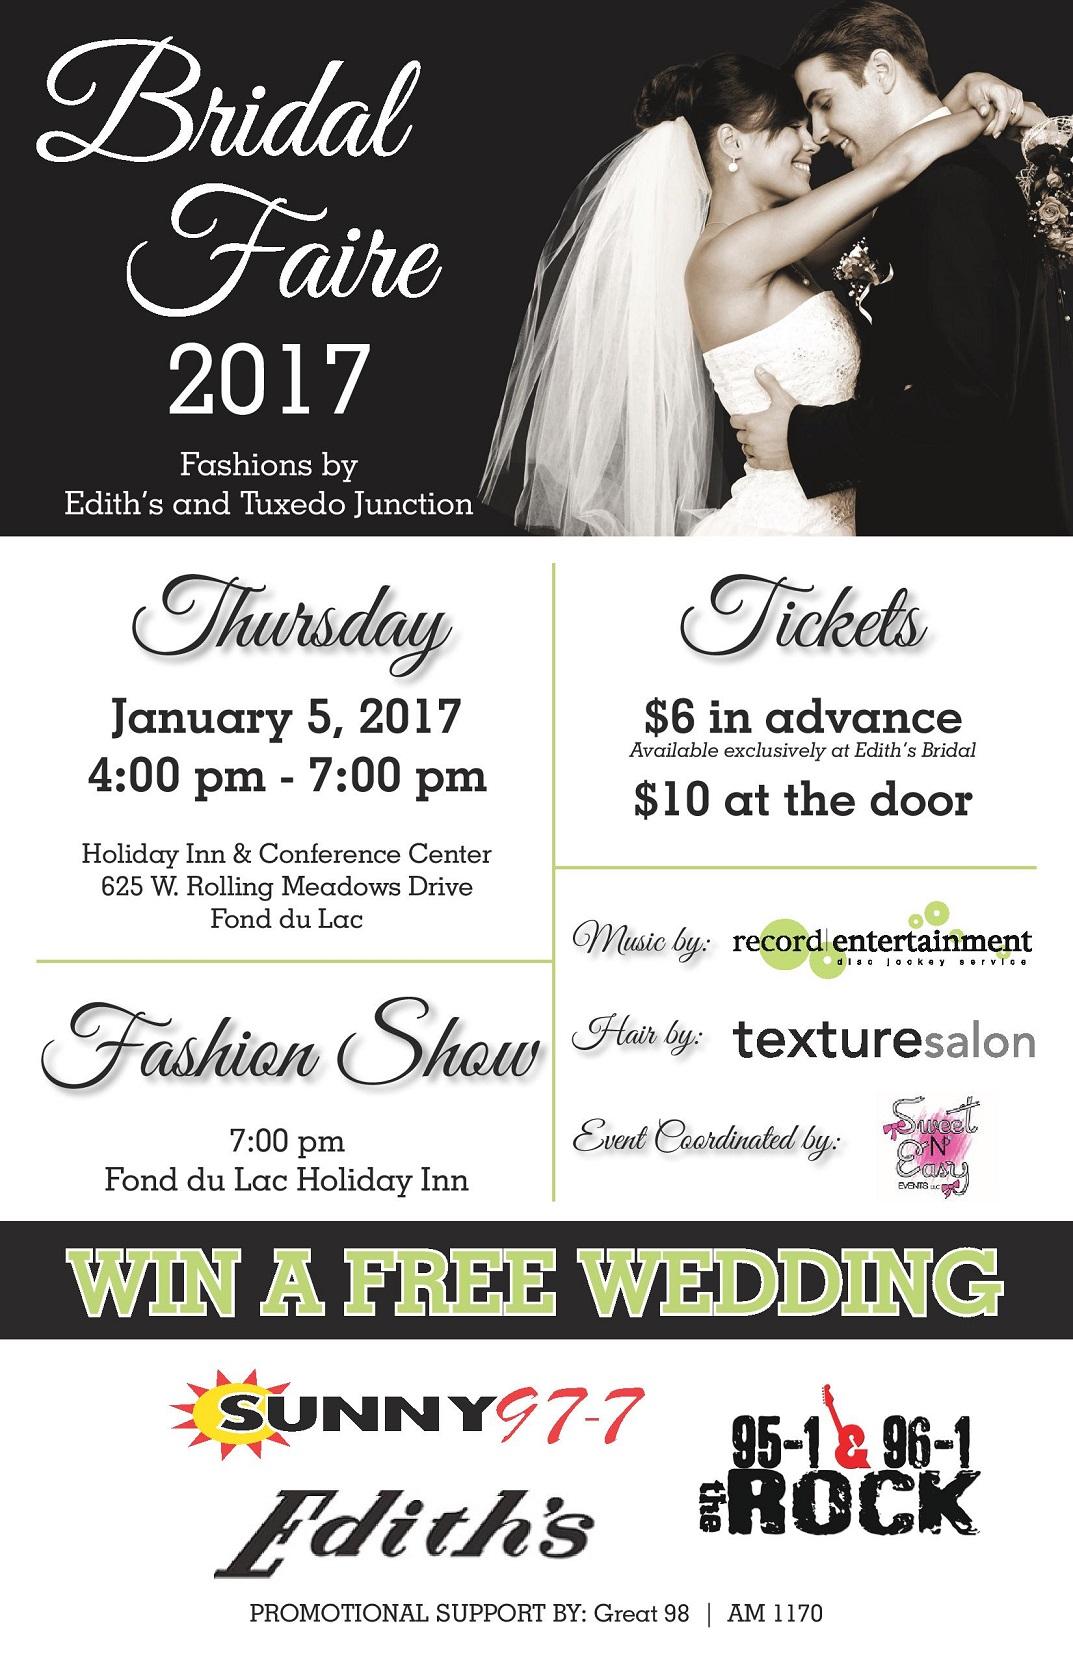 Bridal Faire 2017